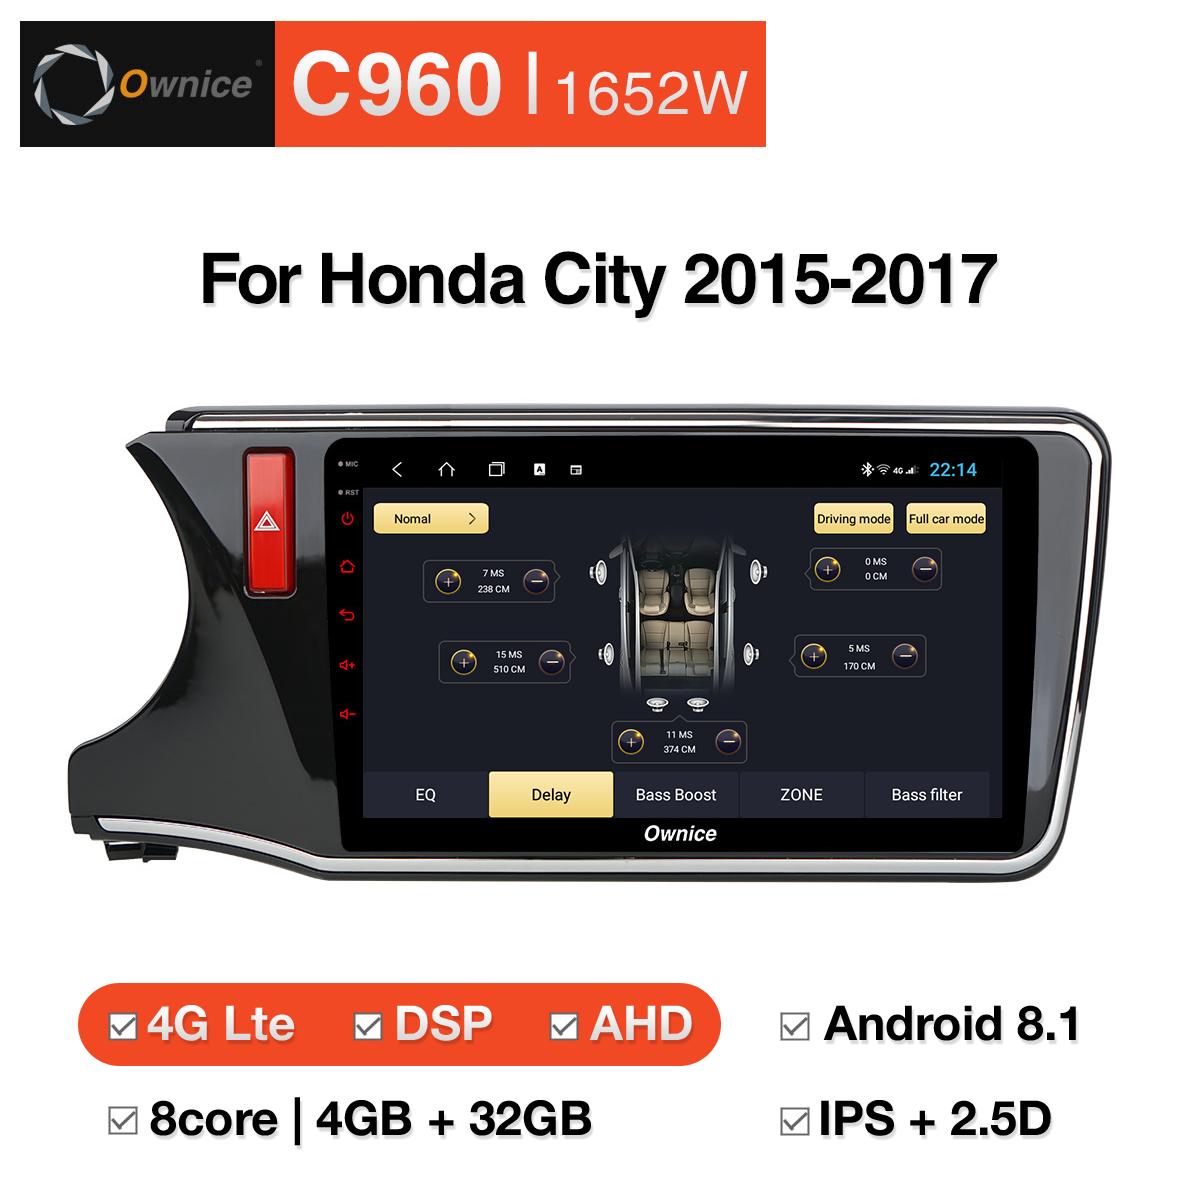 Đầu DVD android Ownice C960 cho xe ô tô Honda City 2015-2017